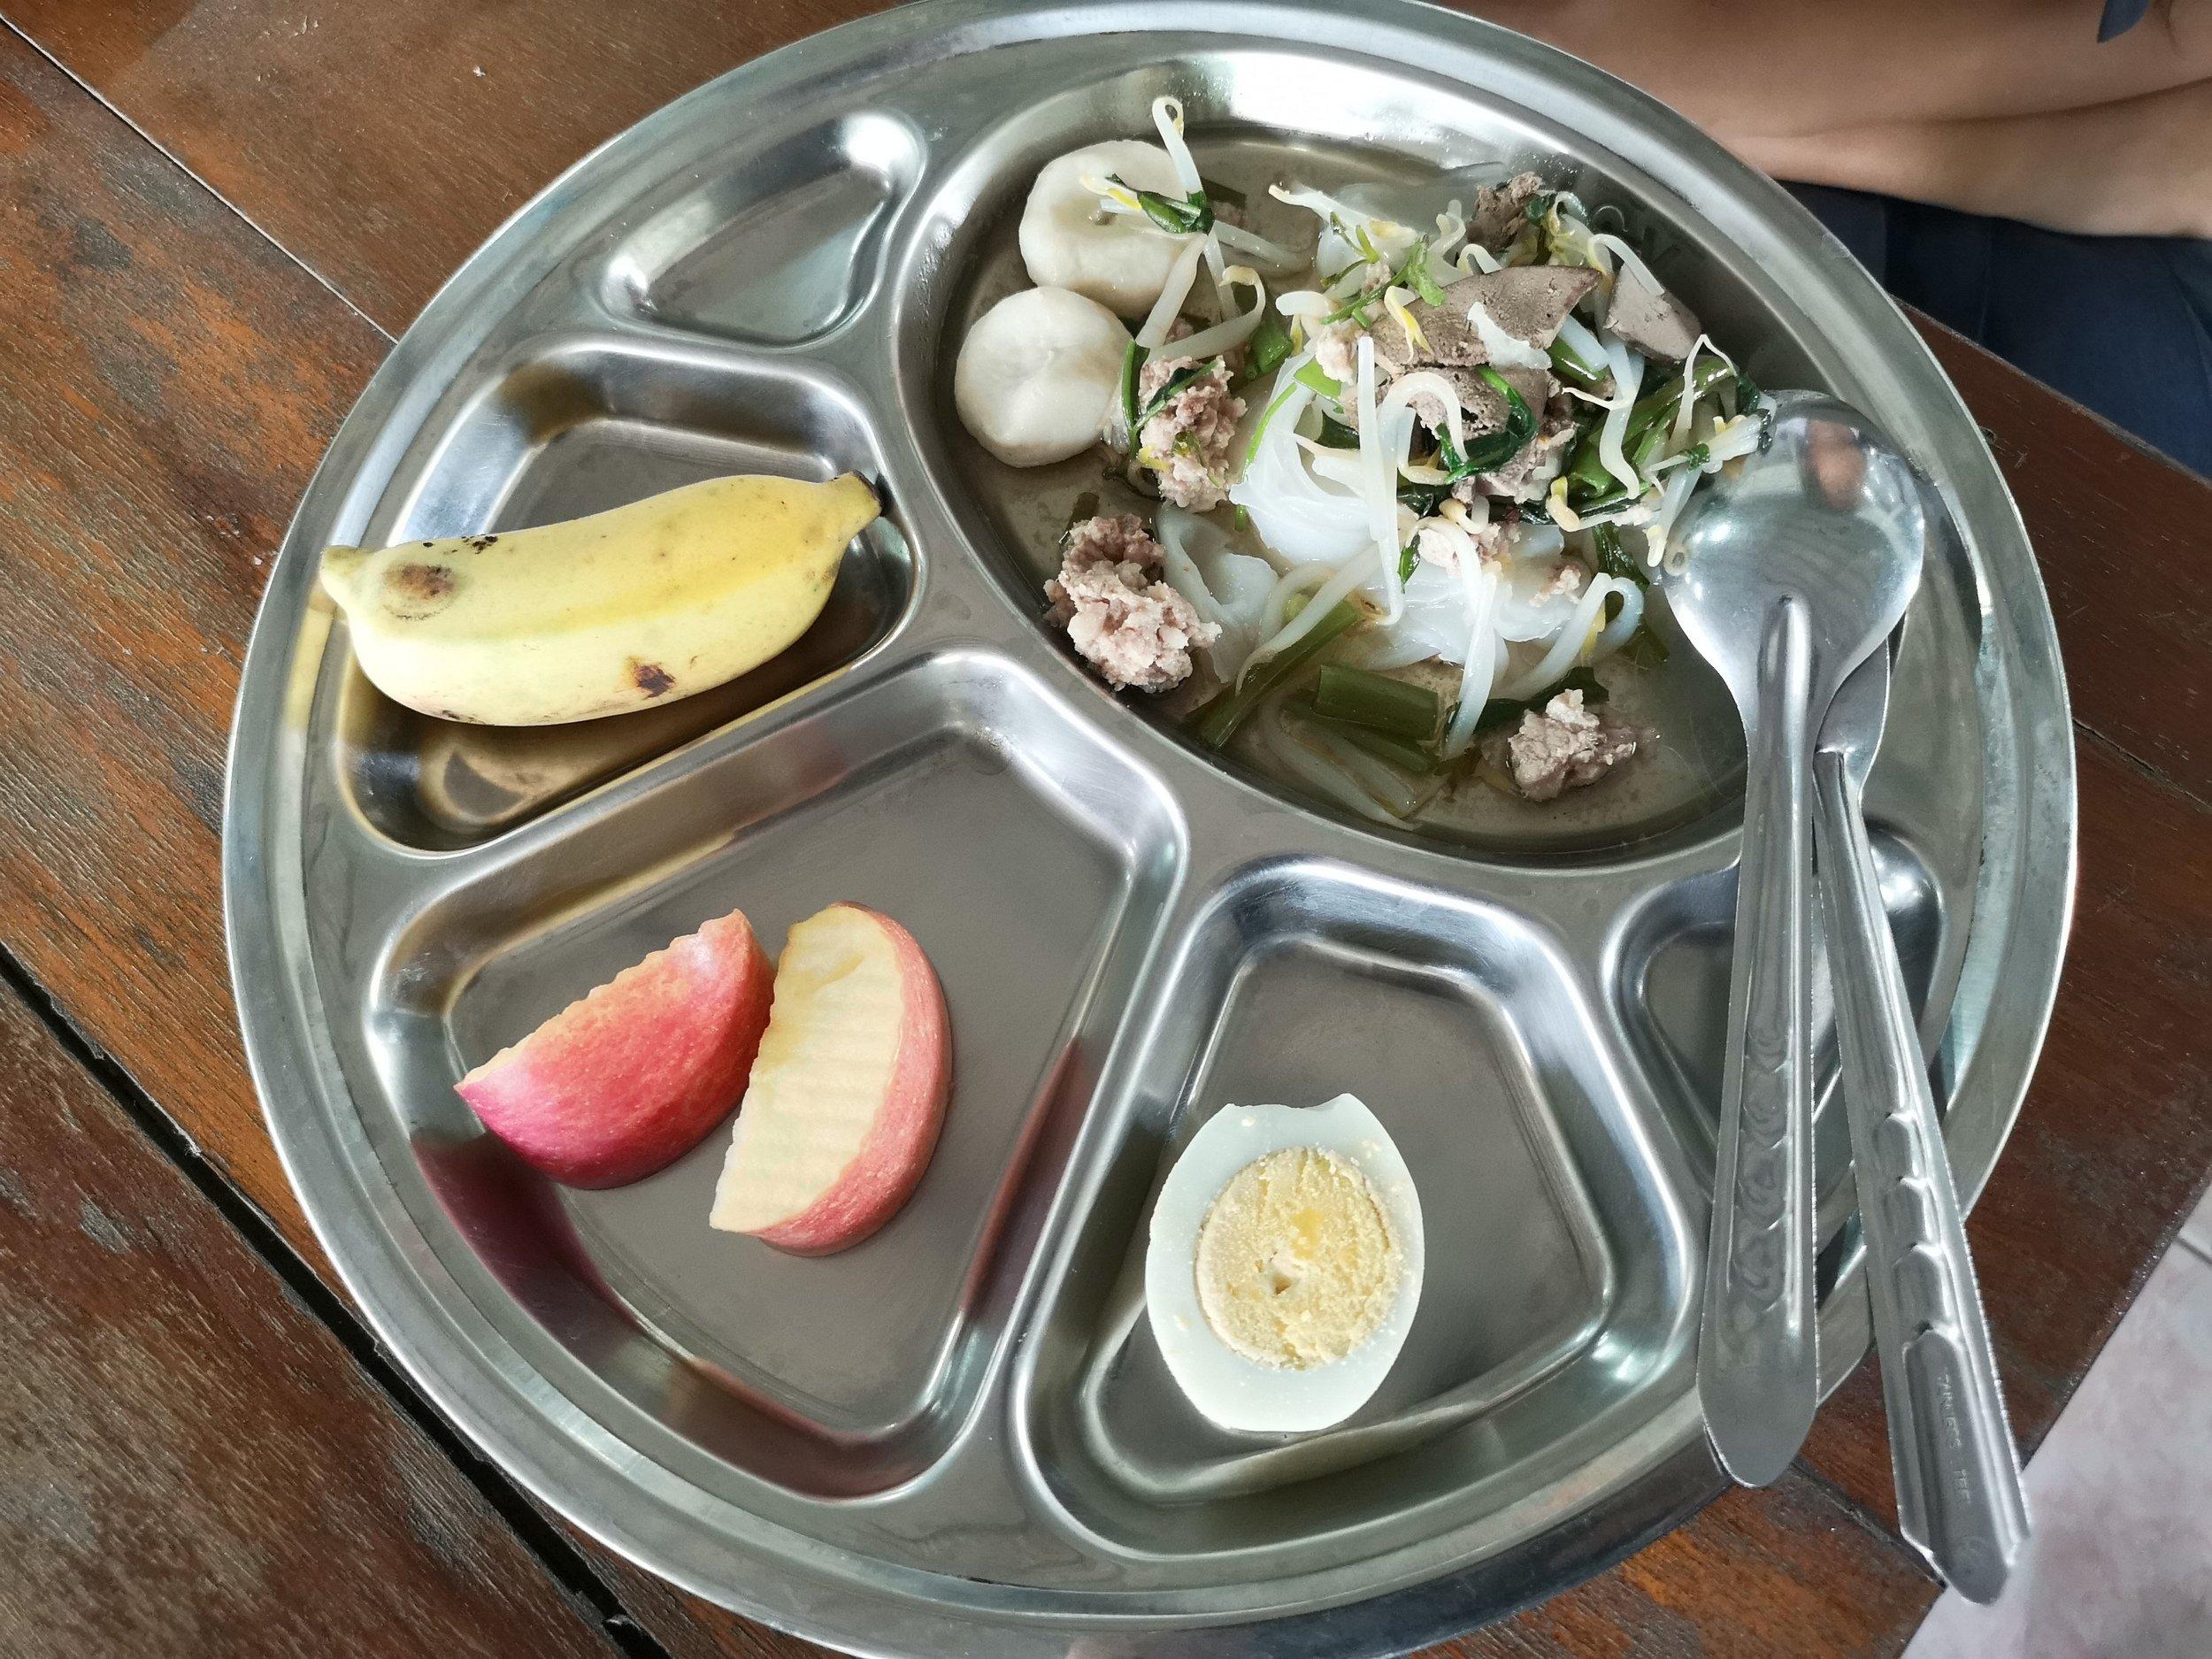 อาหารกลางวัน 20 บาท กับ Thai School Lunch thaihealth